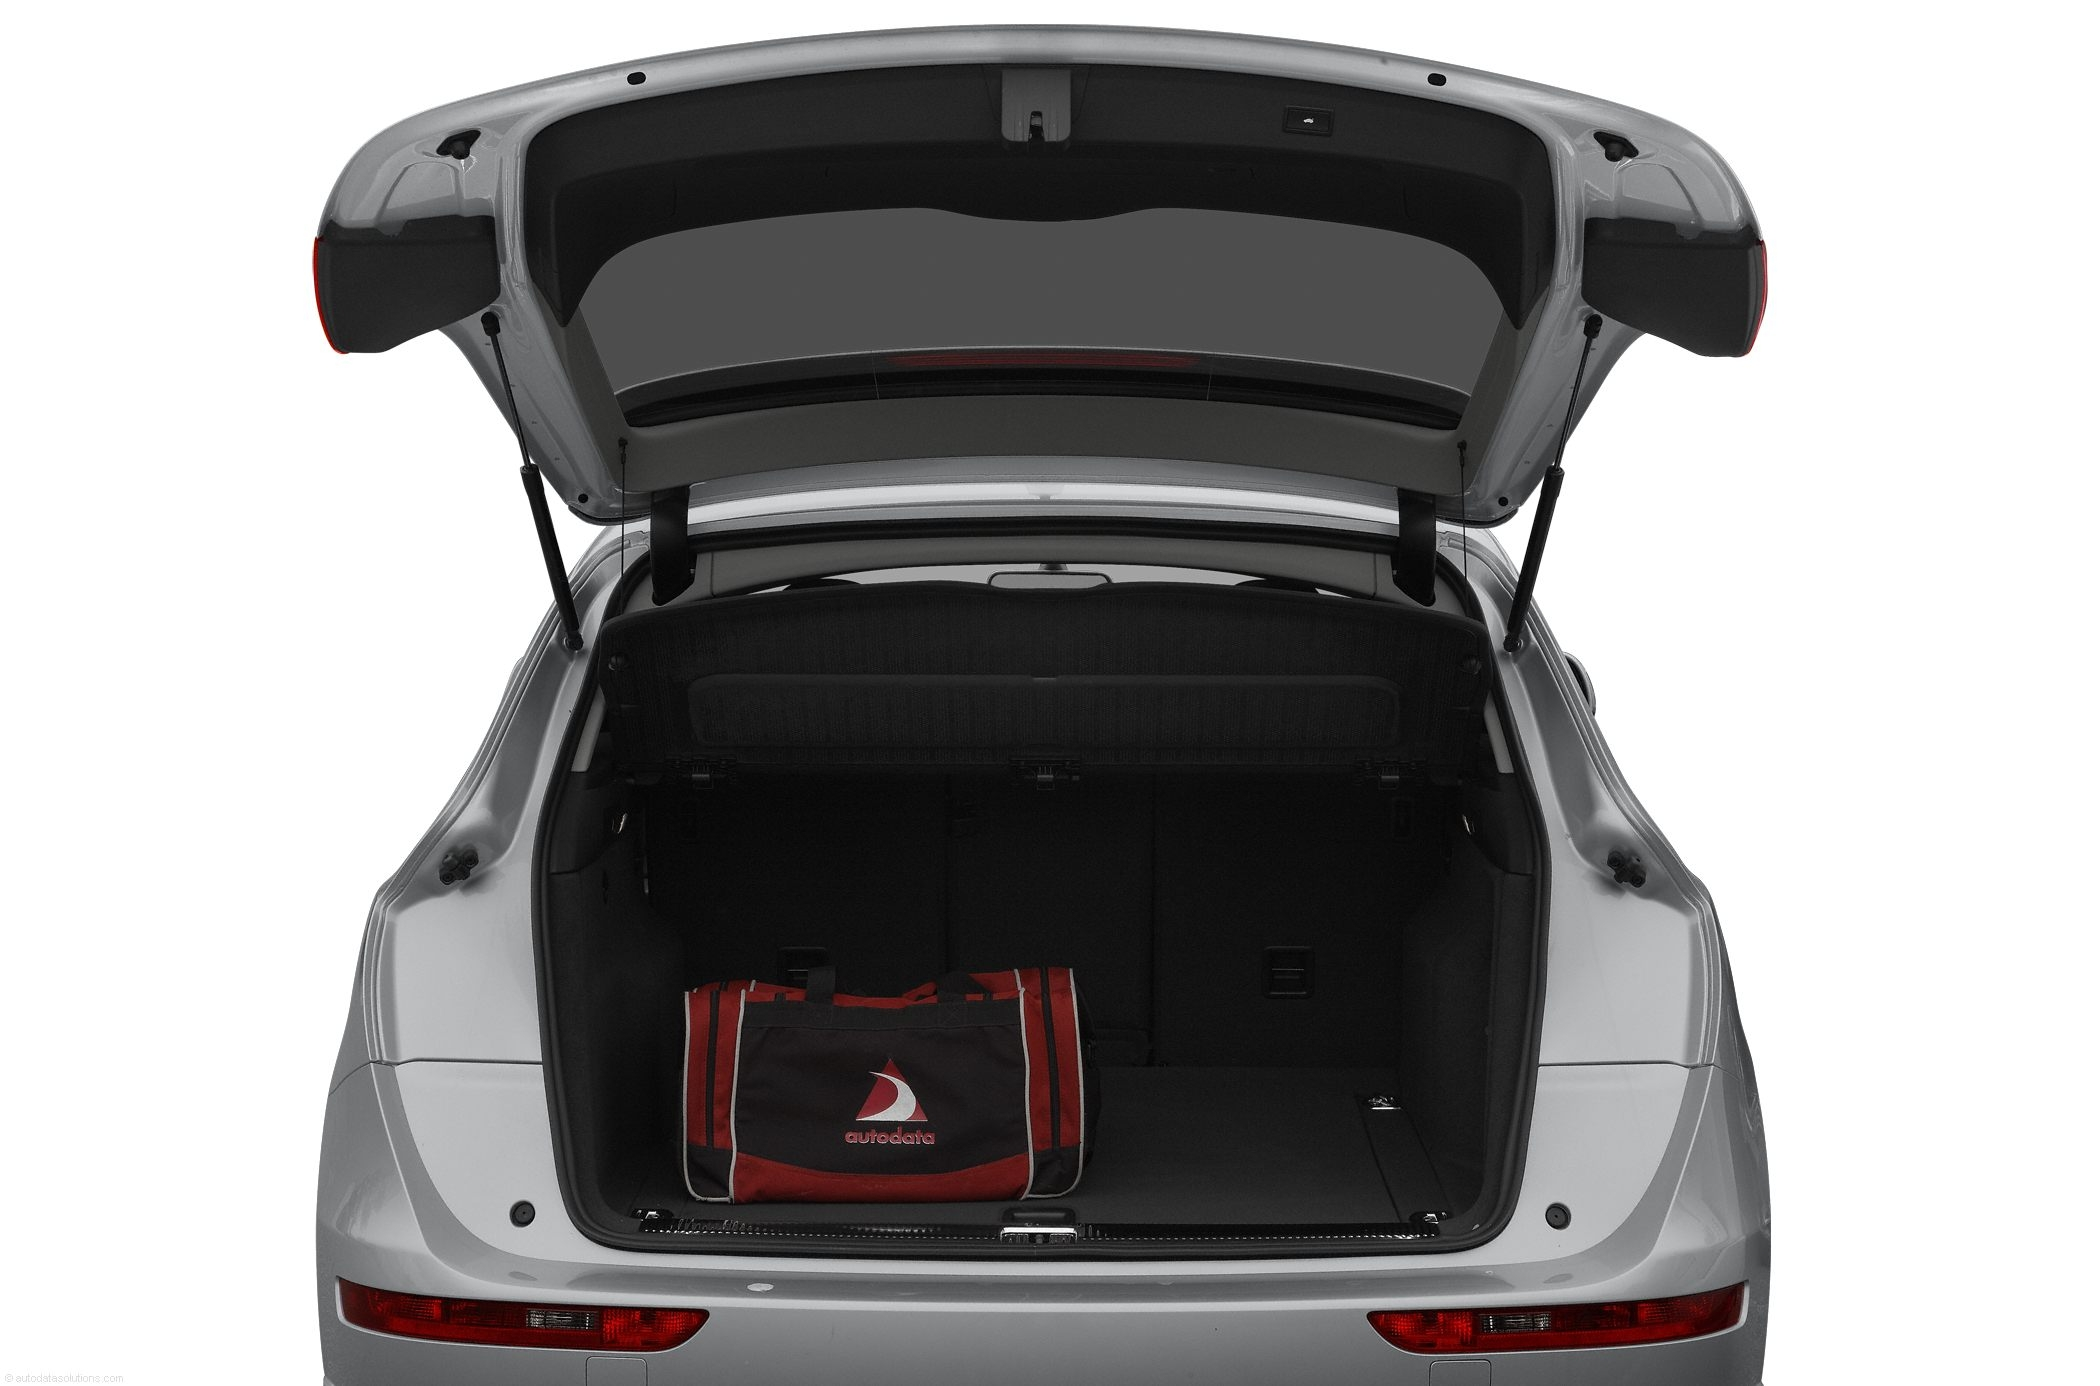 2011 audi q5 suv 20t premium 4dr all wheel drive quattro sport utility exterior trunk audi q5 invoice